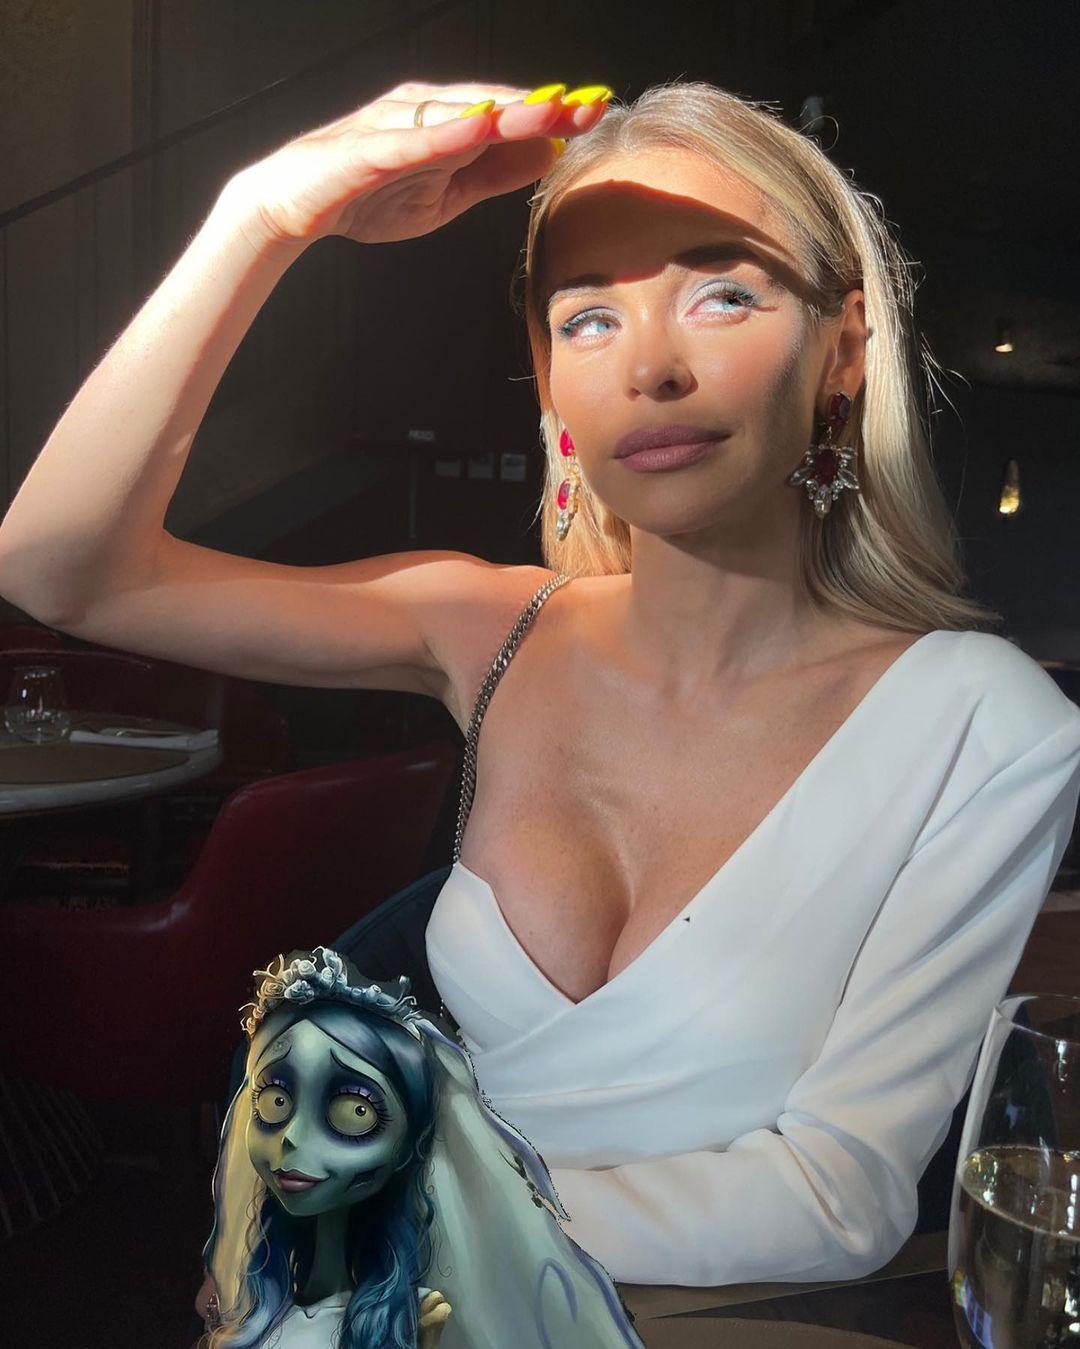 Анна Хилькевич показала свою новую силиконовую грудь